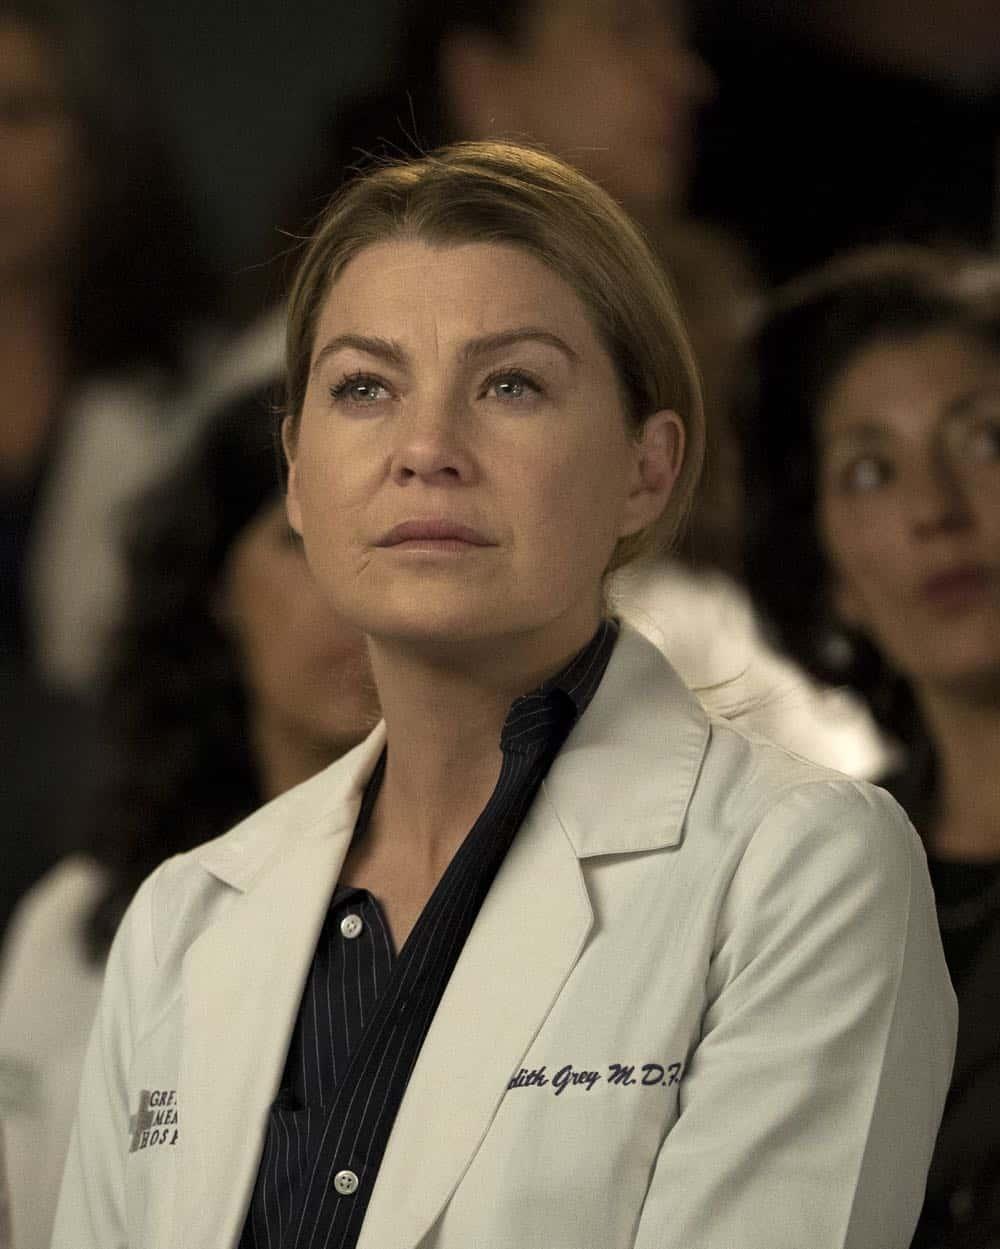 Greys Anatomy Episode 20 Season 14 Judgment Day 34